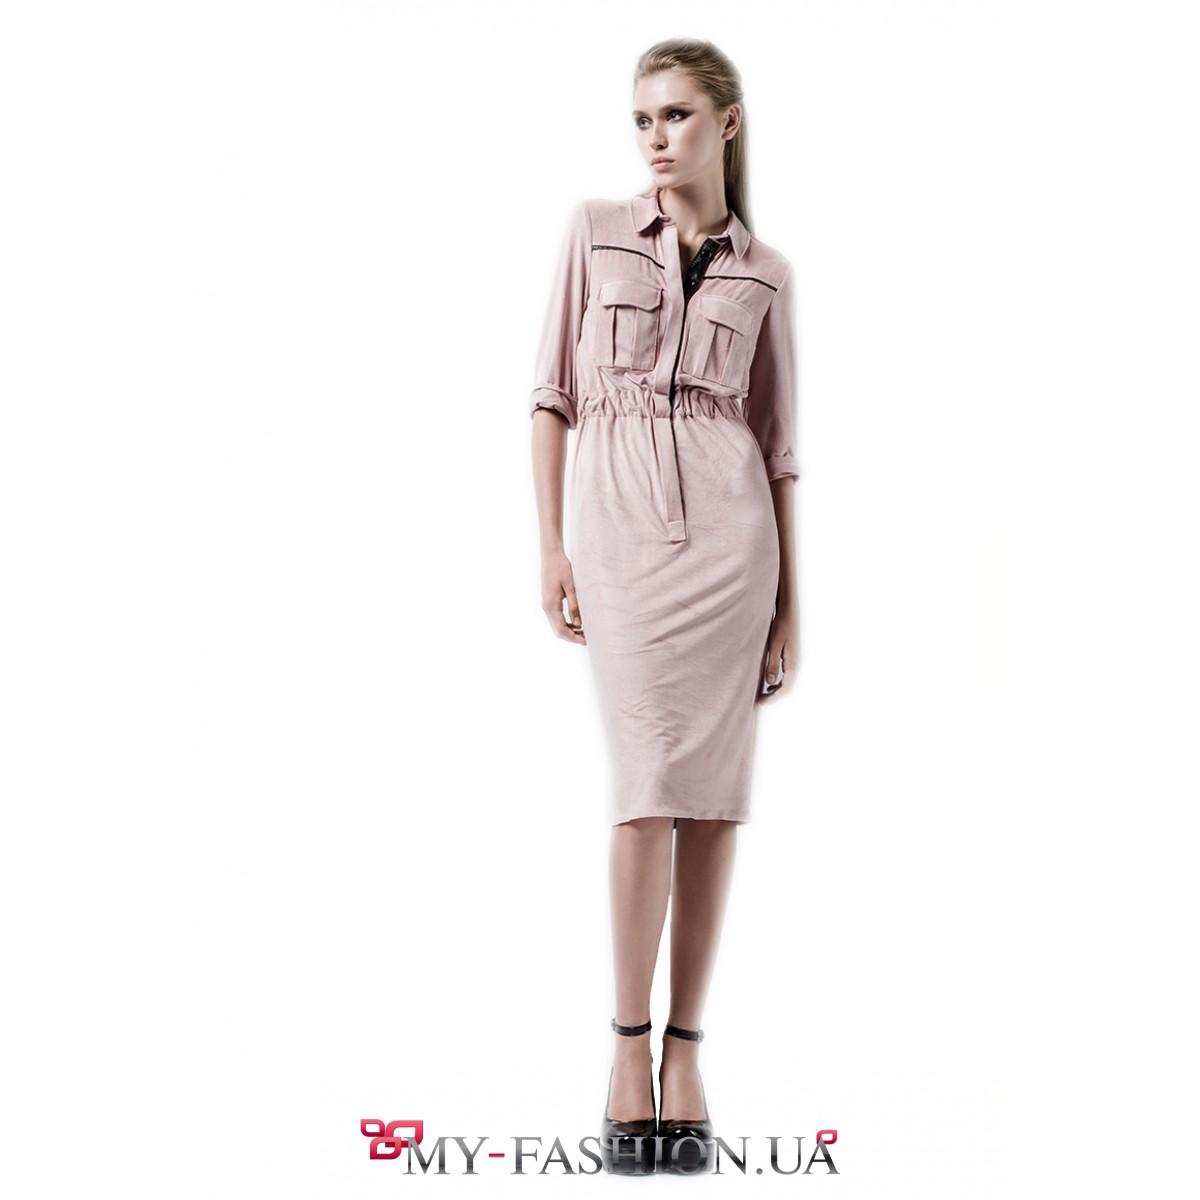 Розовое платье с рубашкой в